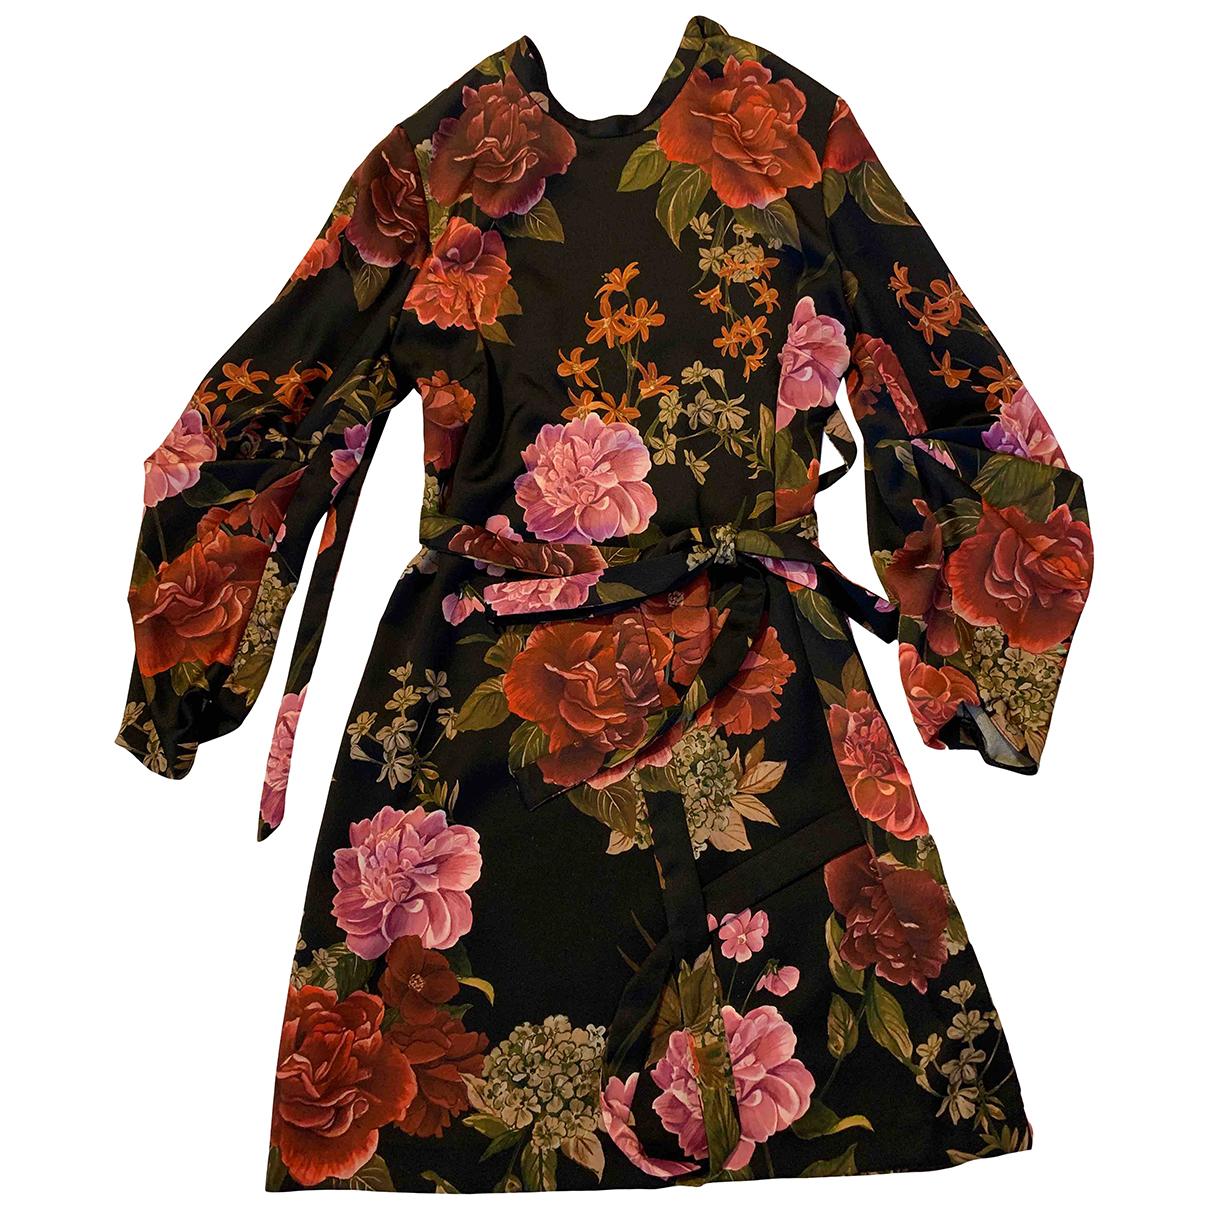 Zara \N Kleid in  Schwarz Polyester